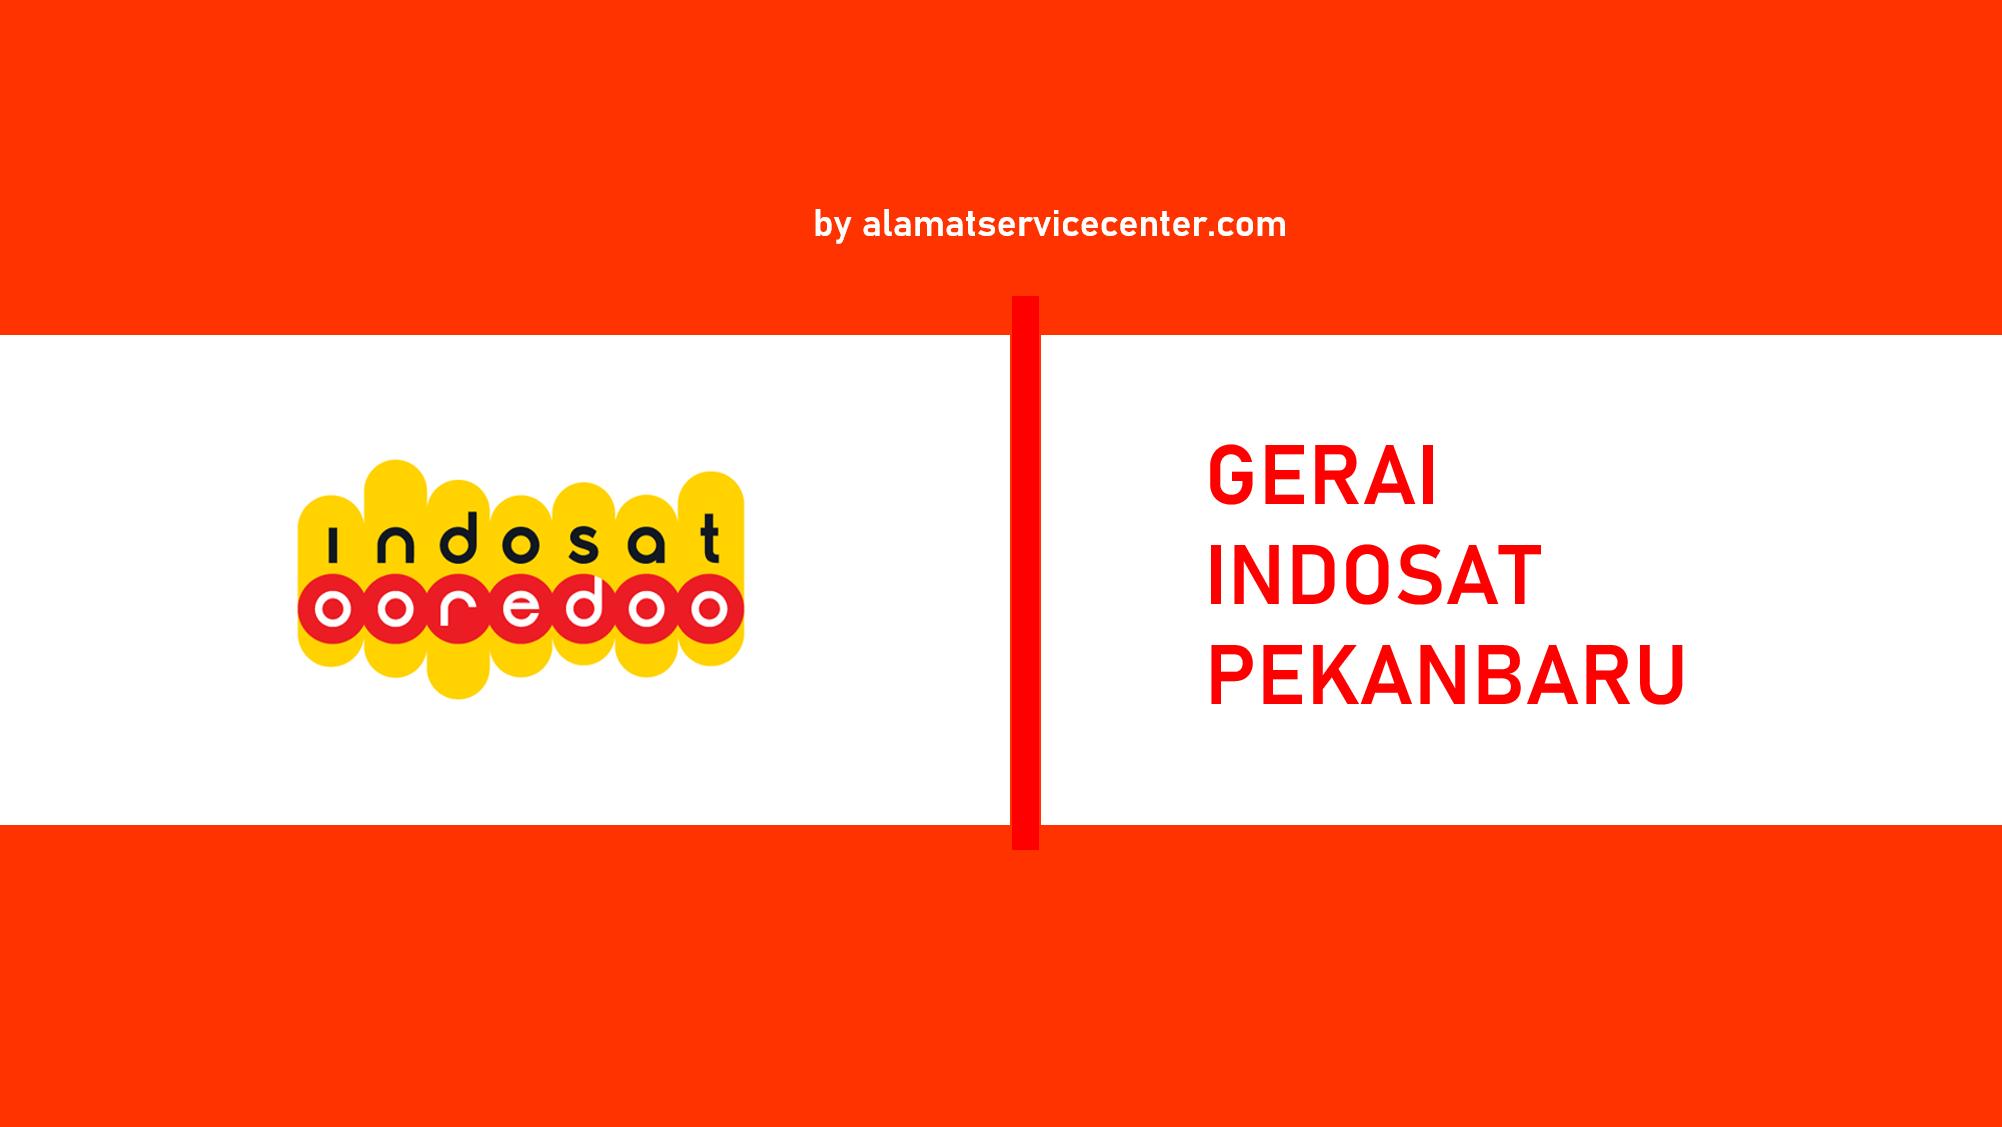 Gerai Indosat Pekanbaru